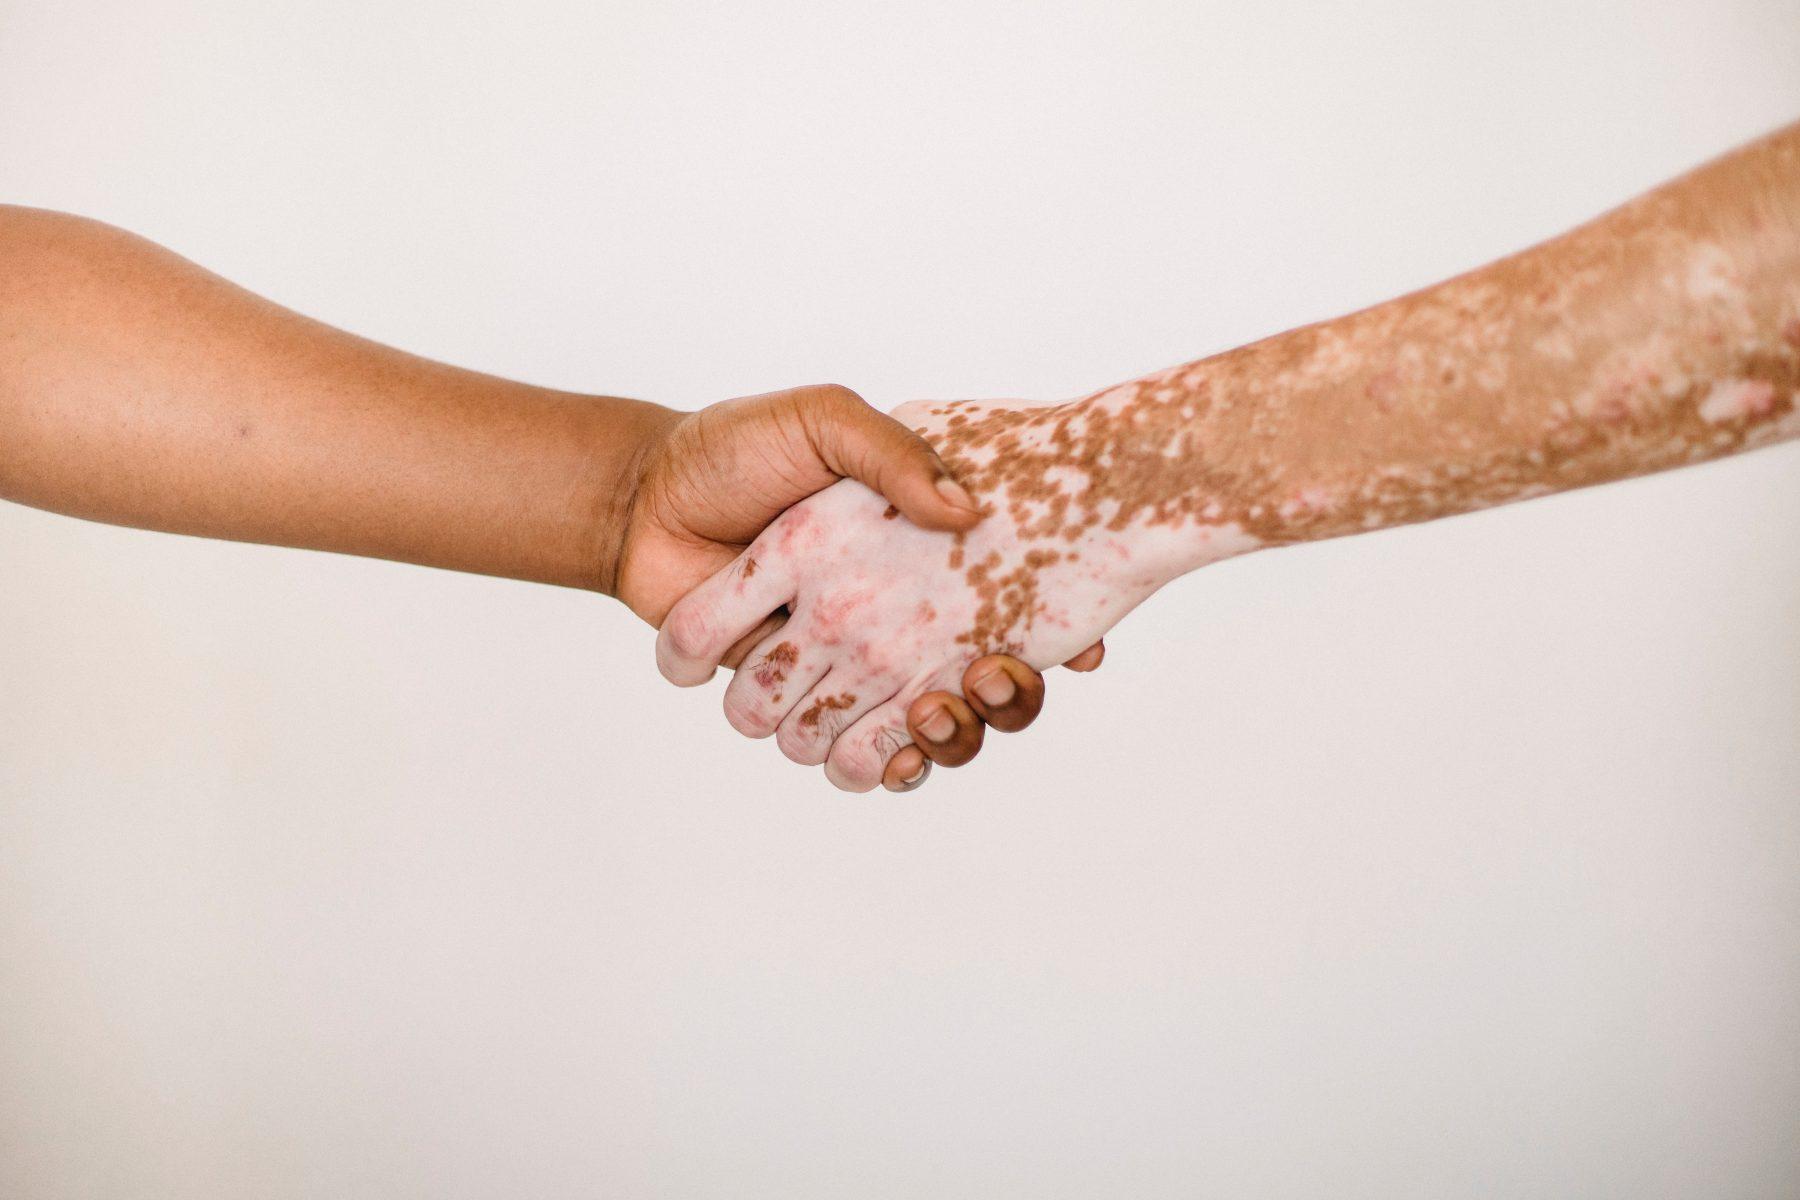 Zwei Personen, die sich die Hände schütteln.